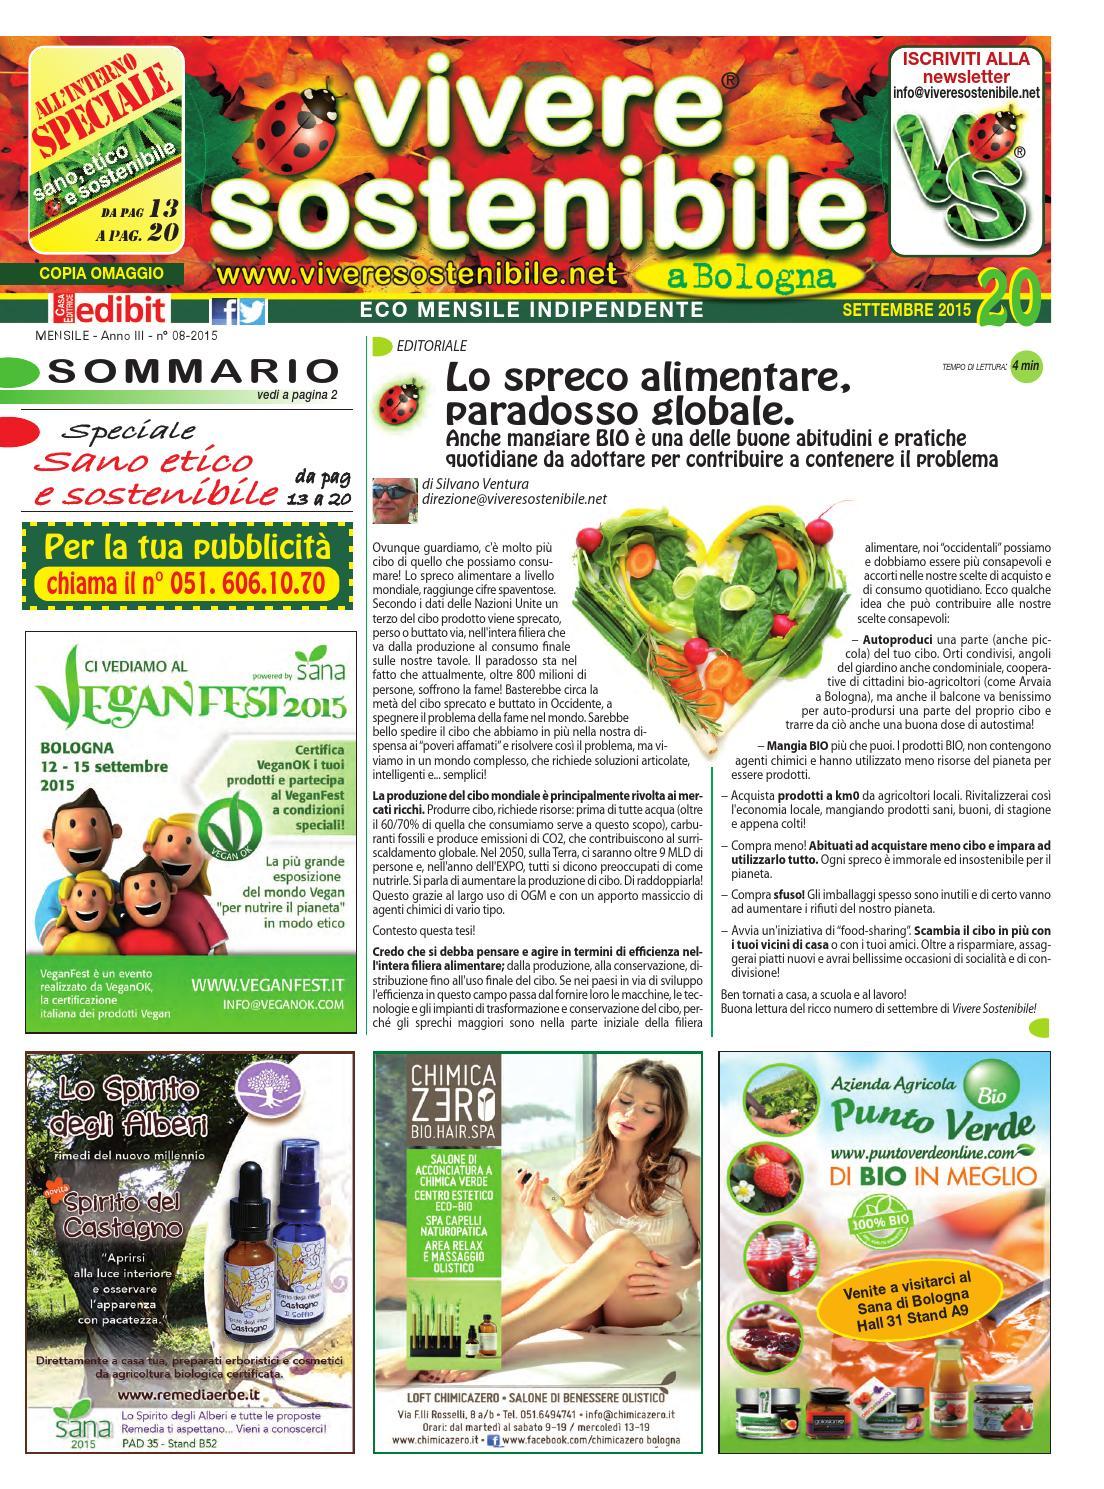 Vivere Sostenibile A Bologna N 20 Settembre 2015 By Edibit Vivere Sostenibile Issuu